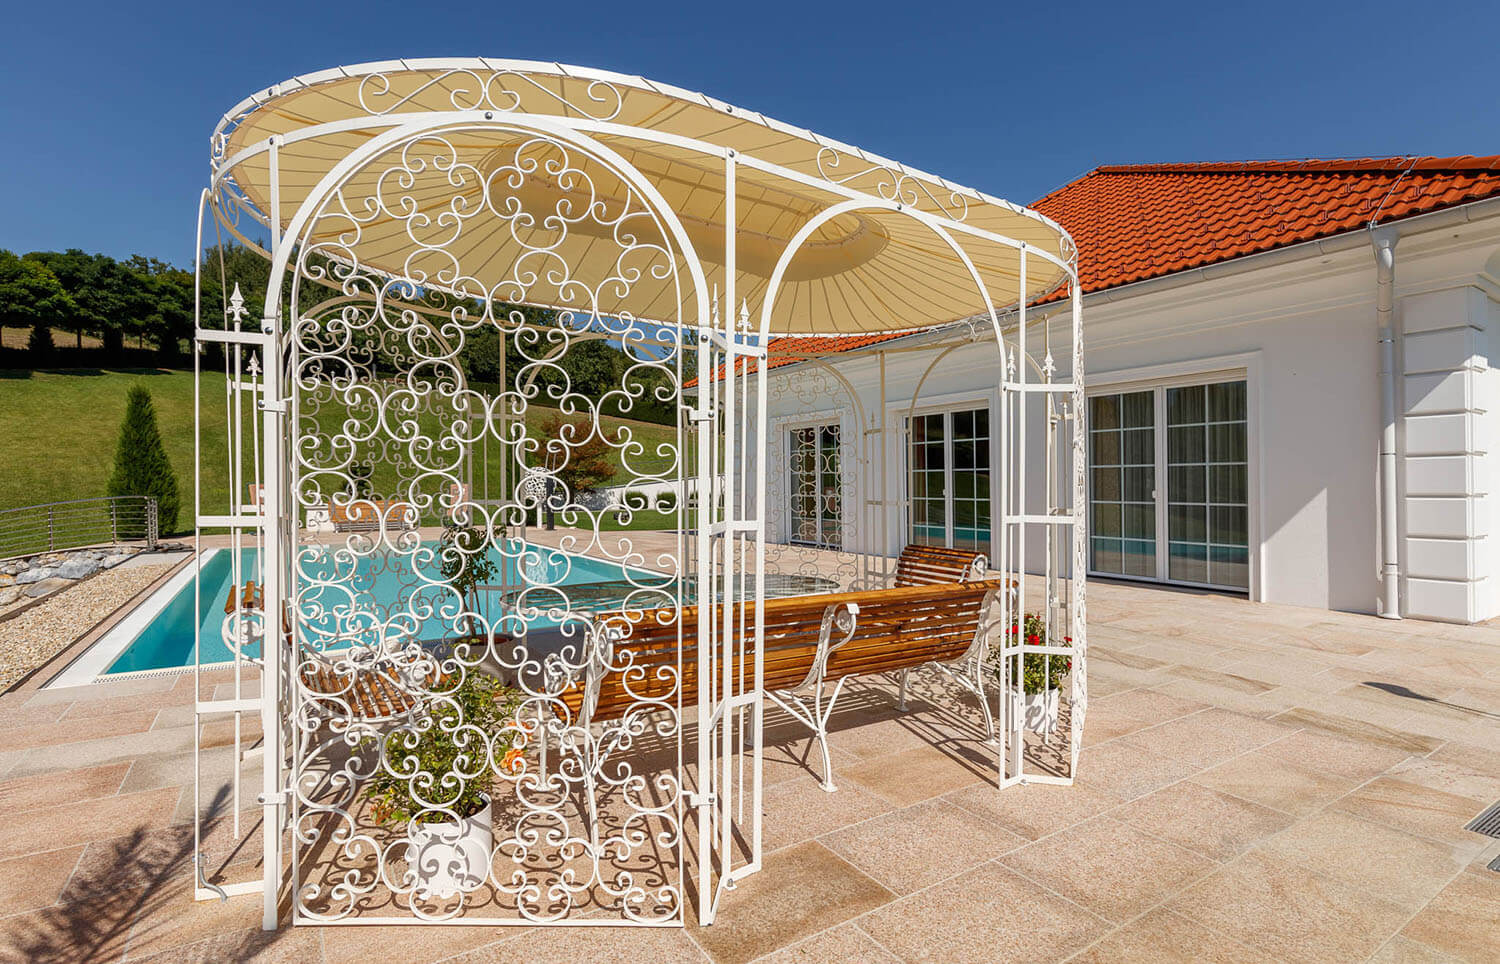 Gartenpavillon Verona mit Sonnensegel und Rankgitter Rosa, pulverbeschichtet in Sonderfarbe Weiß. Wir empfehlen das Sonnensegel am unteren Ring zu befestigen.